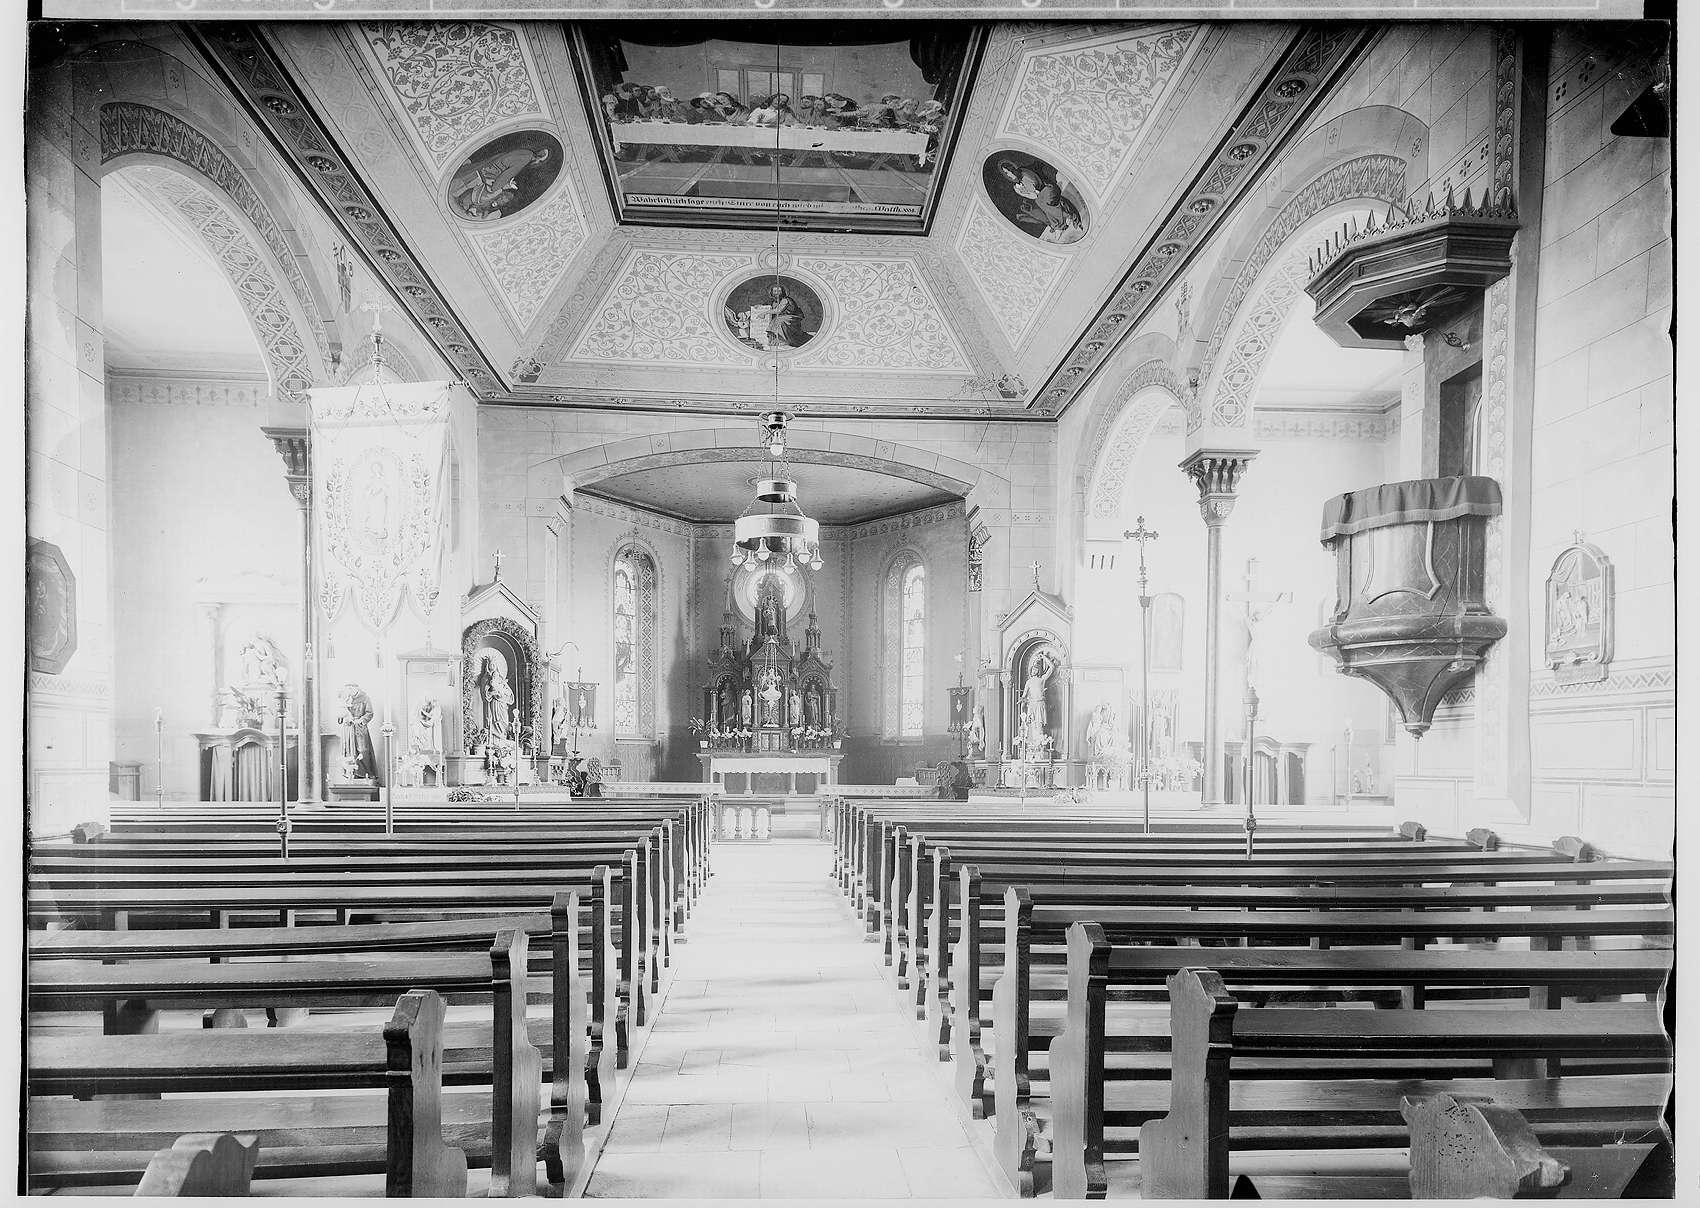 Sigmaringendorf; Kirche - Innenraum, Bild 1